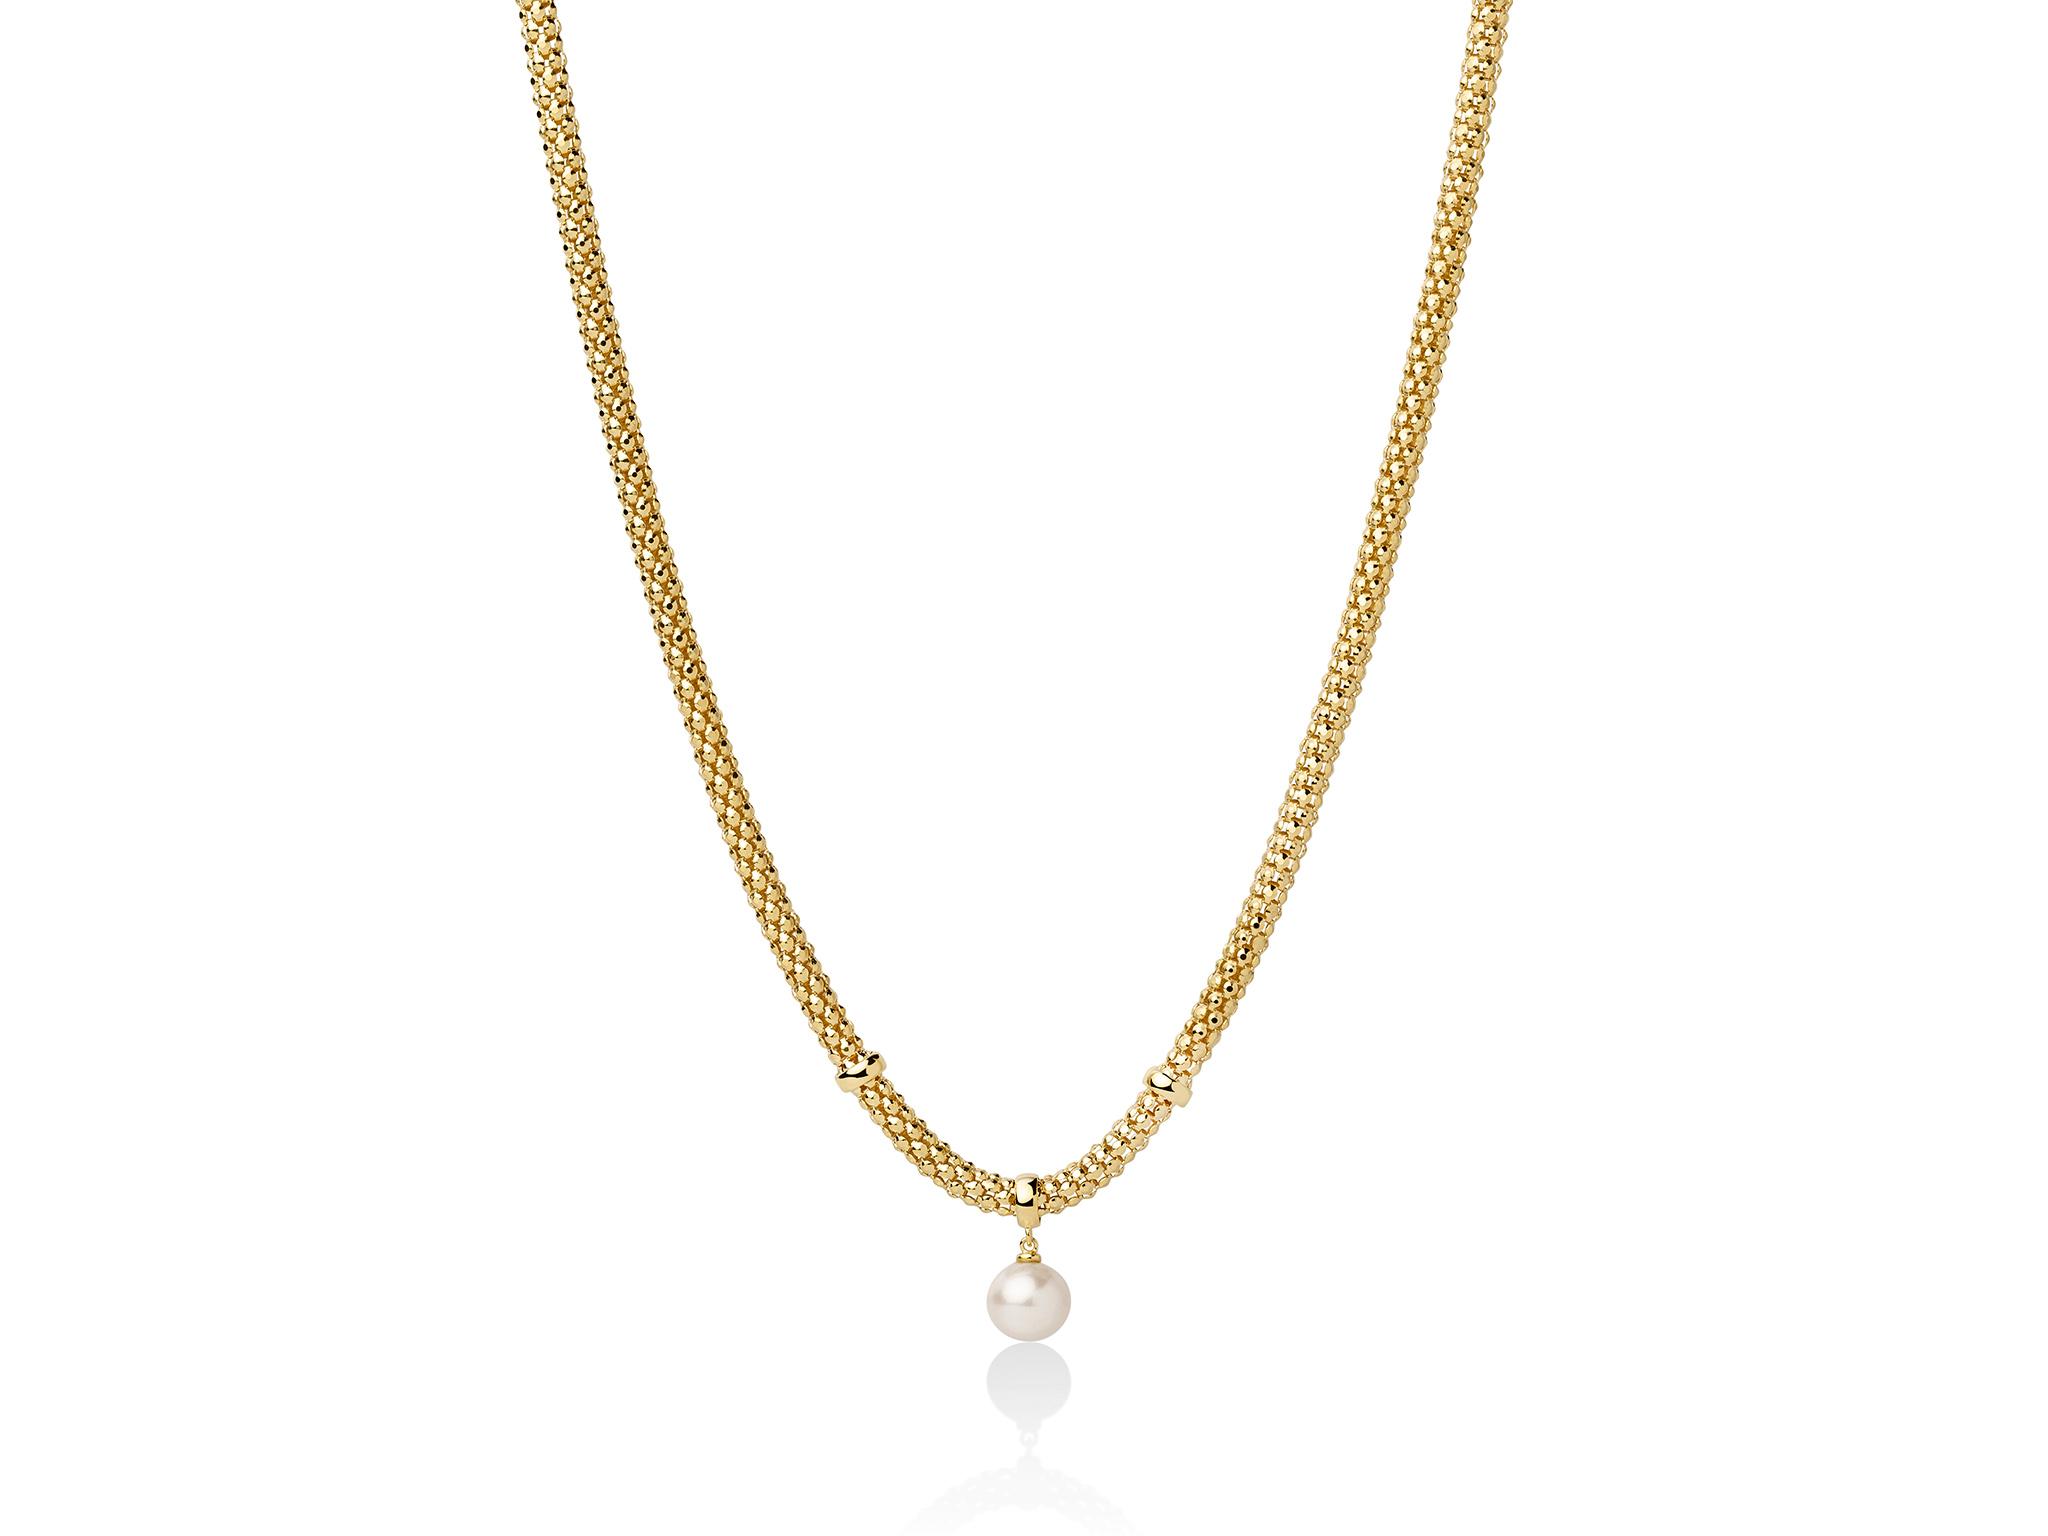 Collana con maglia coreana, in argento con perla. - PCL5833G